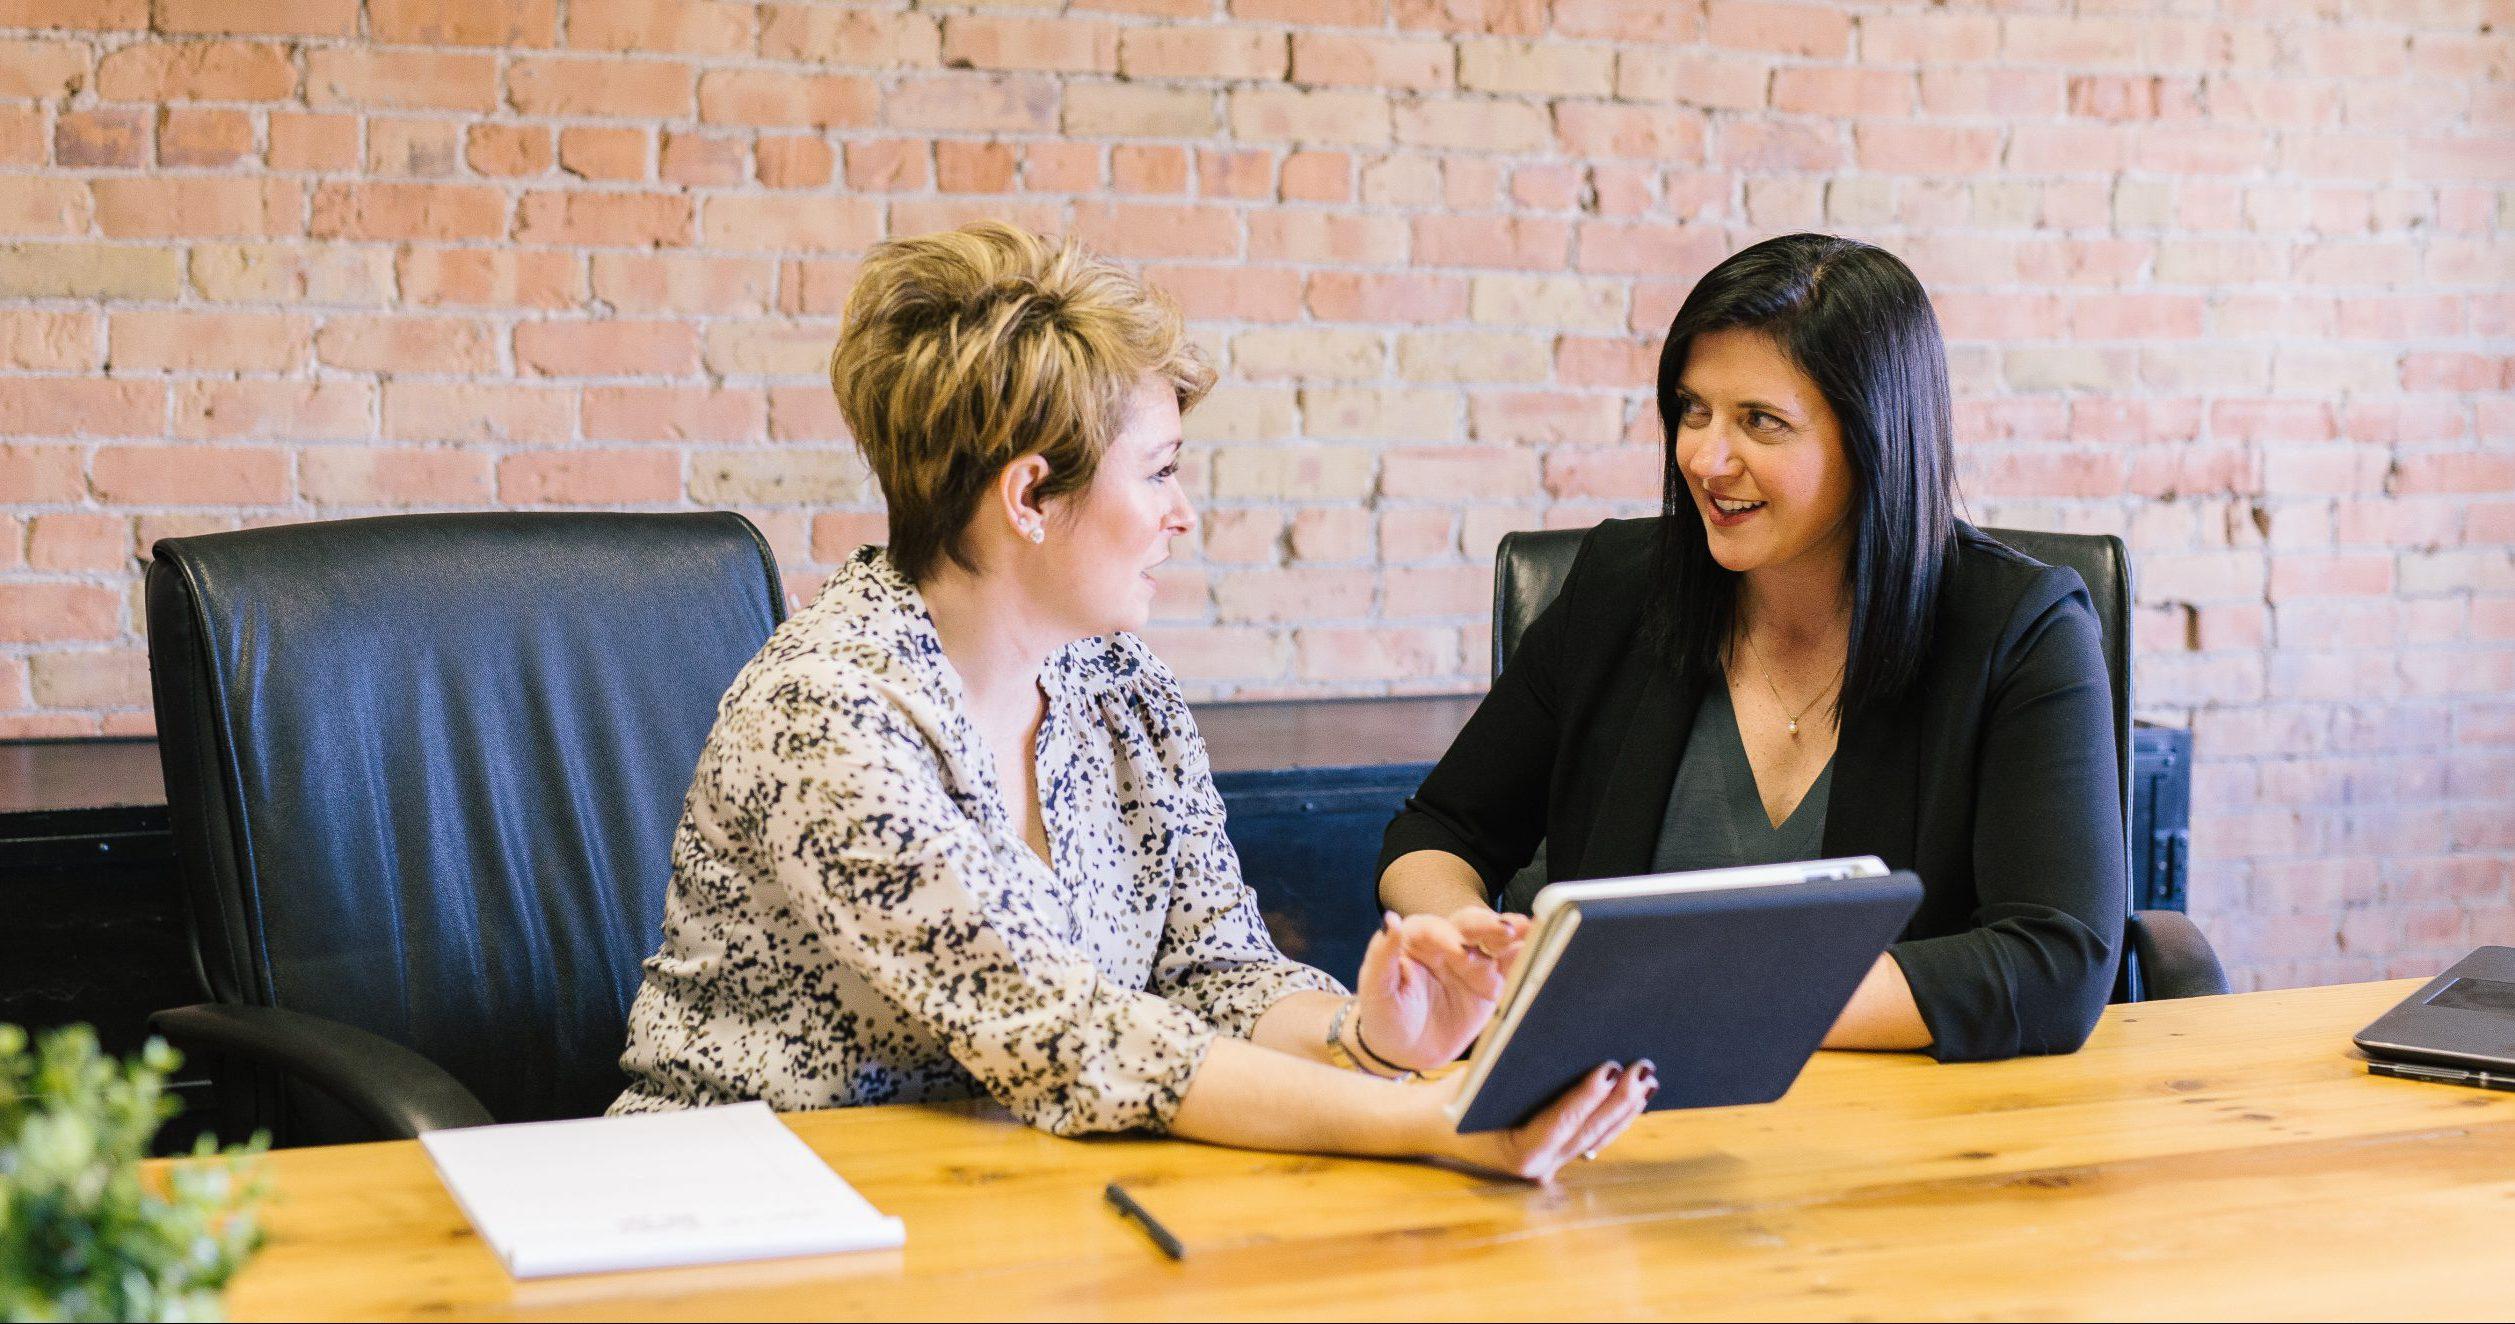 woman coaching mentor